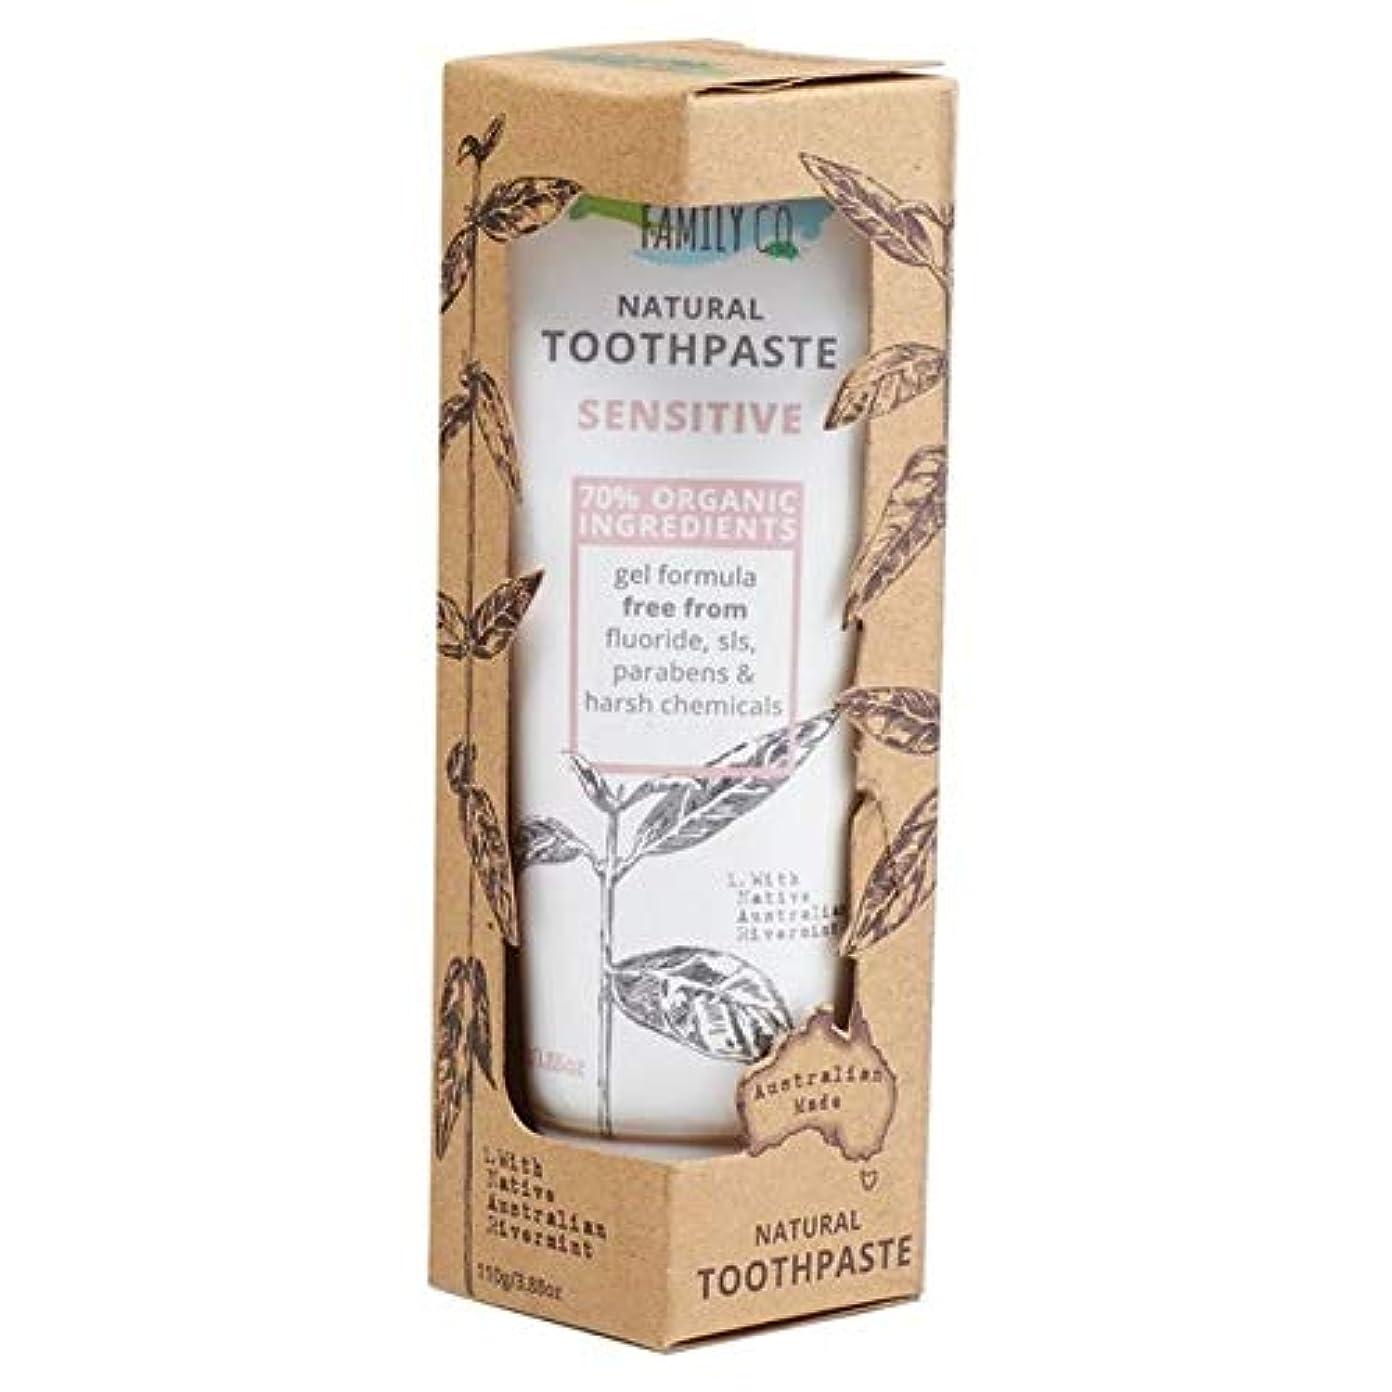 描くドームラベル[Natural Family ] 自然な家族に敏感な歯磨き粉の110グラム - Natural Family Sensitive Toothpaste 110g [並行輸入品]